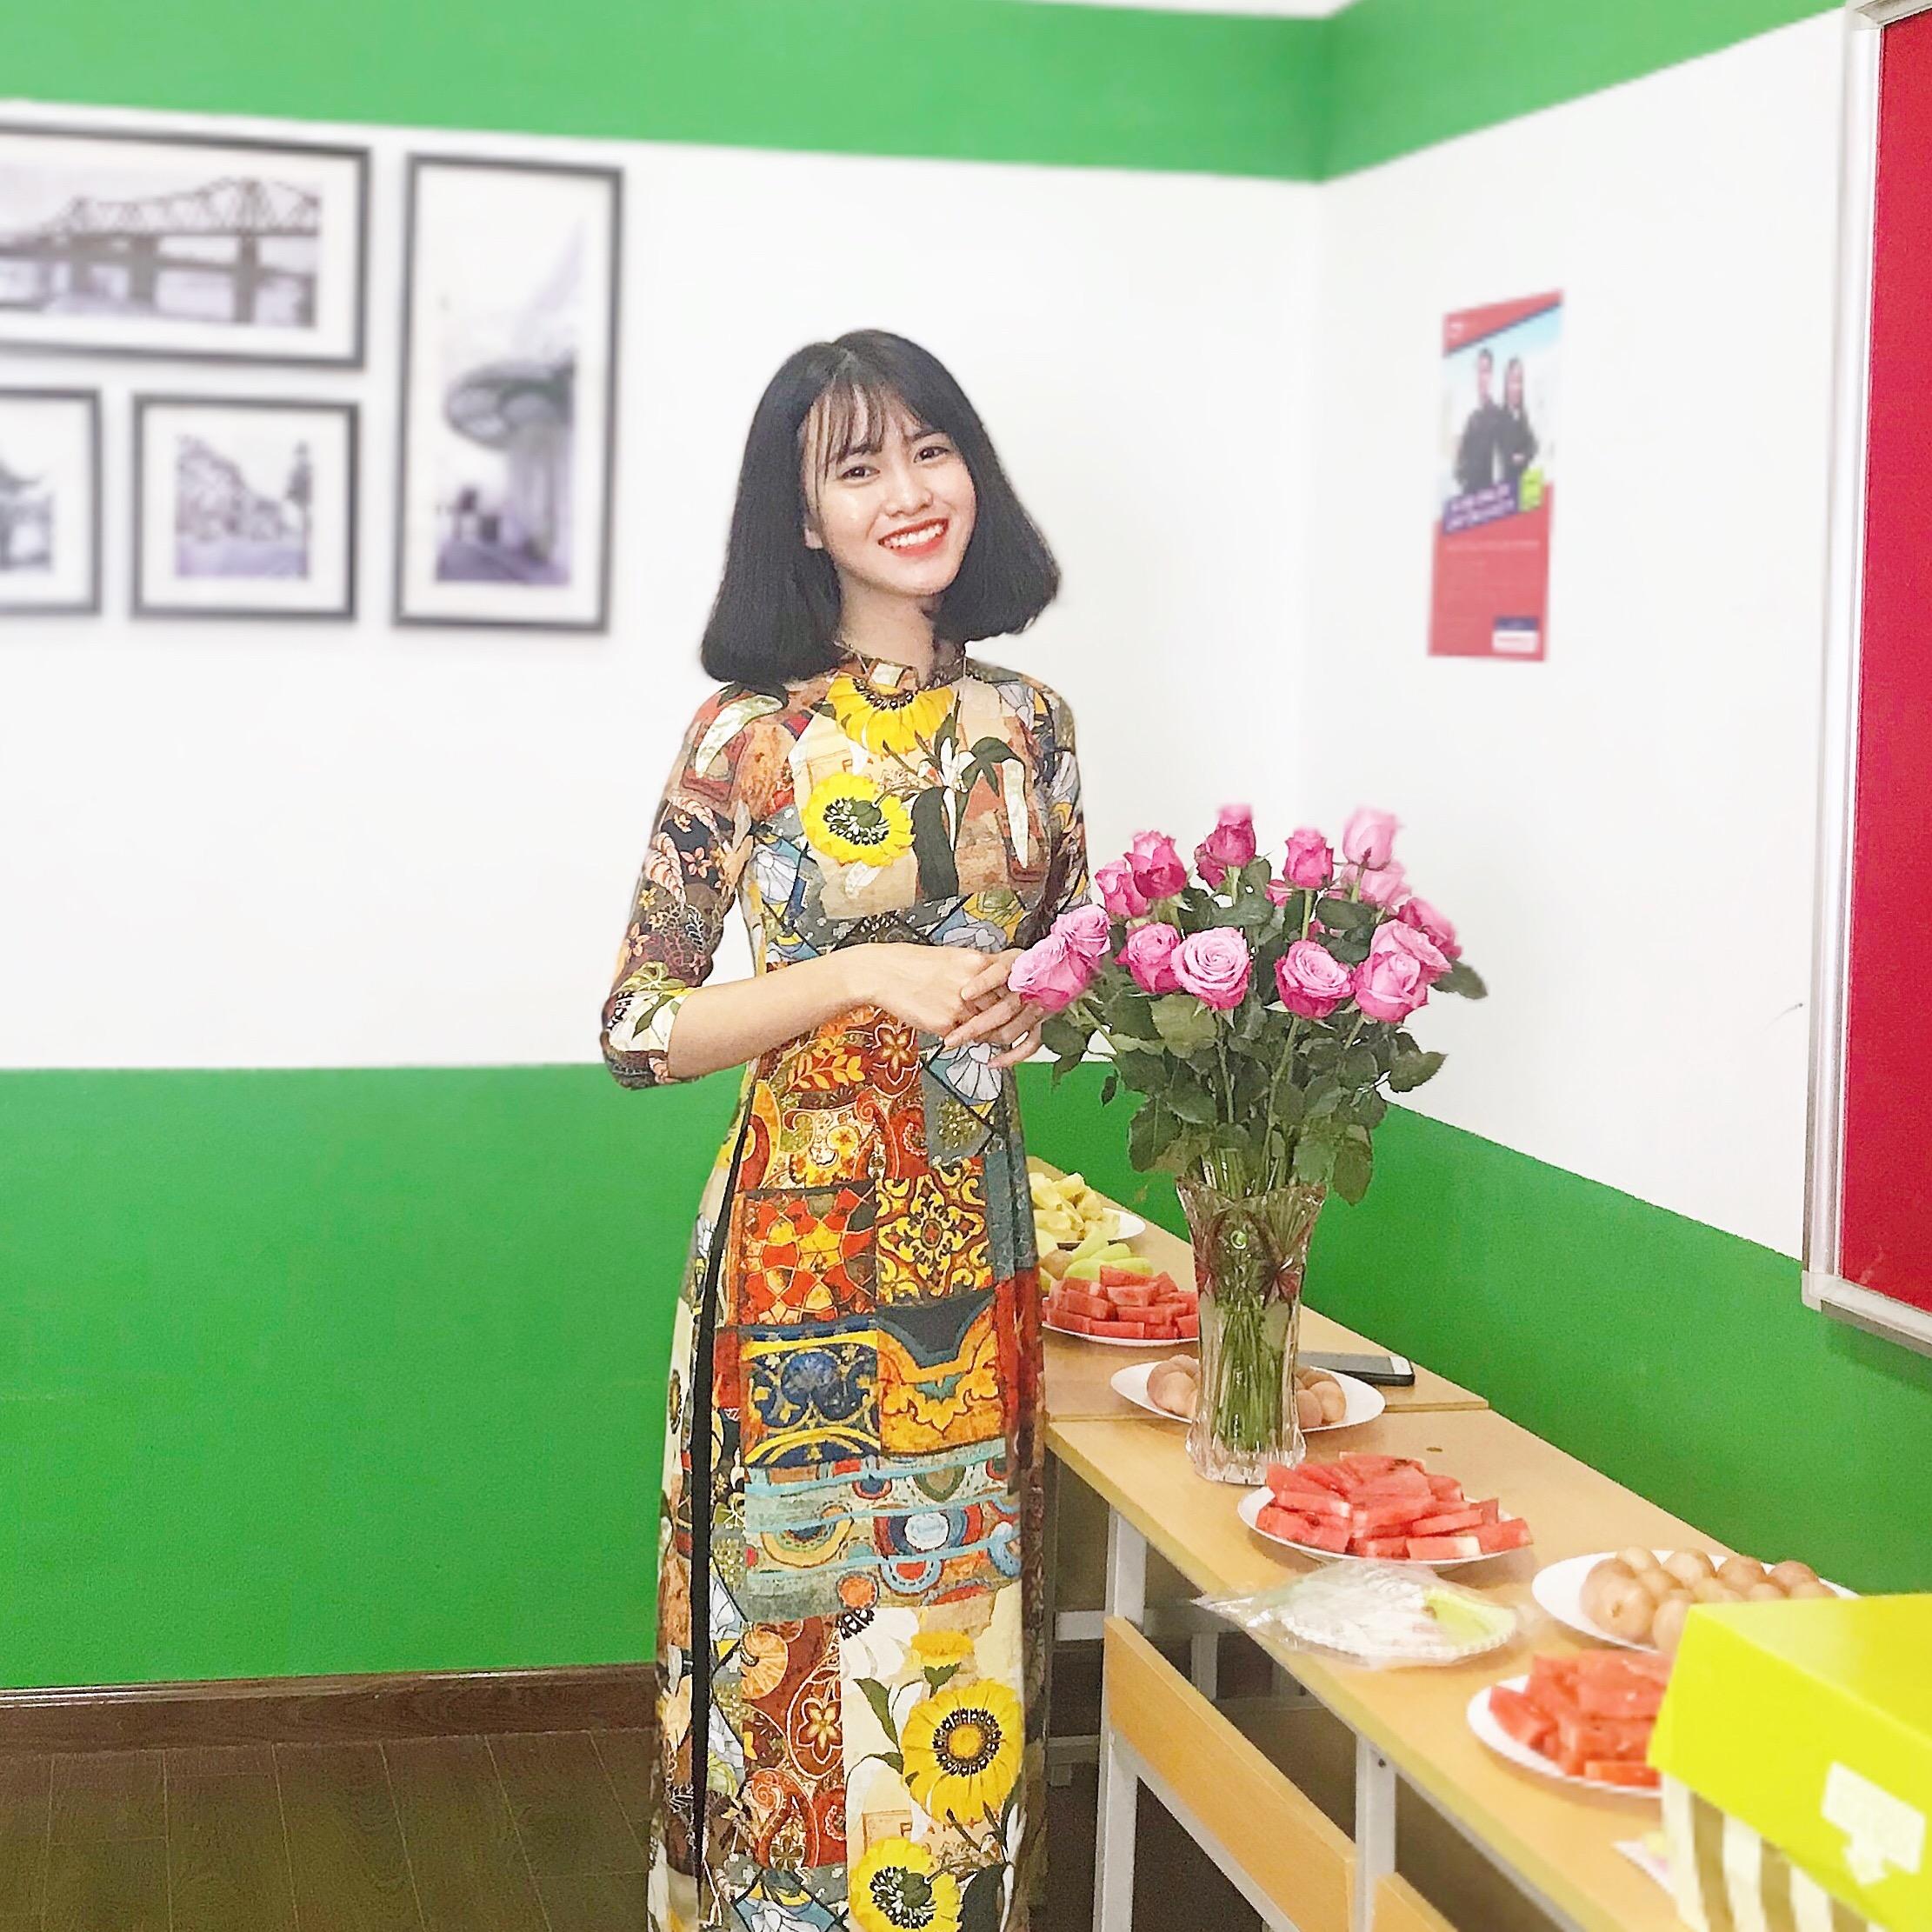 Trần Thị Hồng Thắm (1998 ĐH Sư phạm HN) - vô trách nhiệm